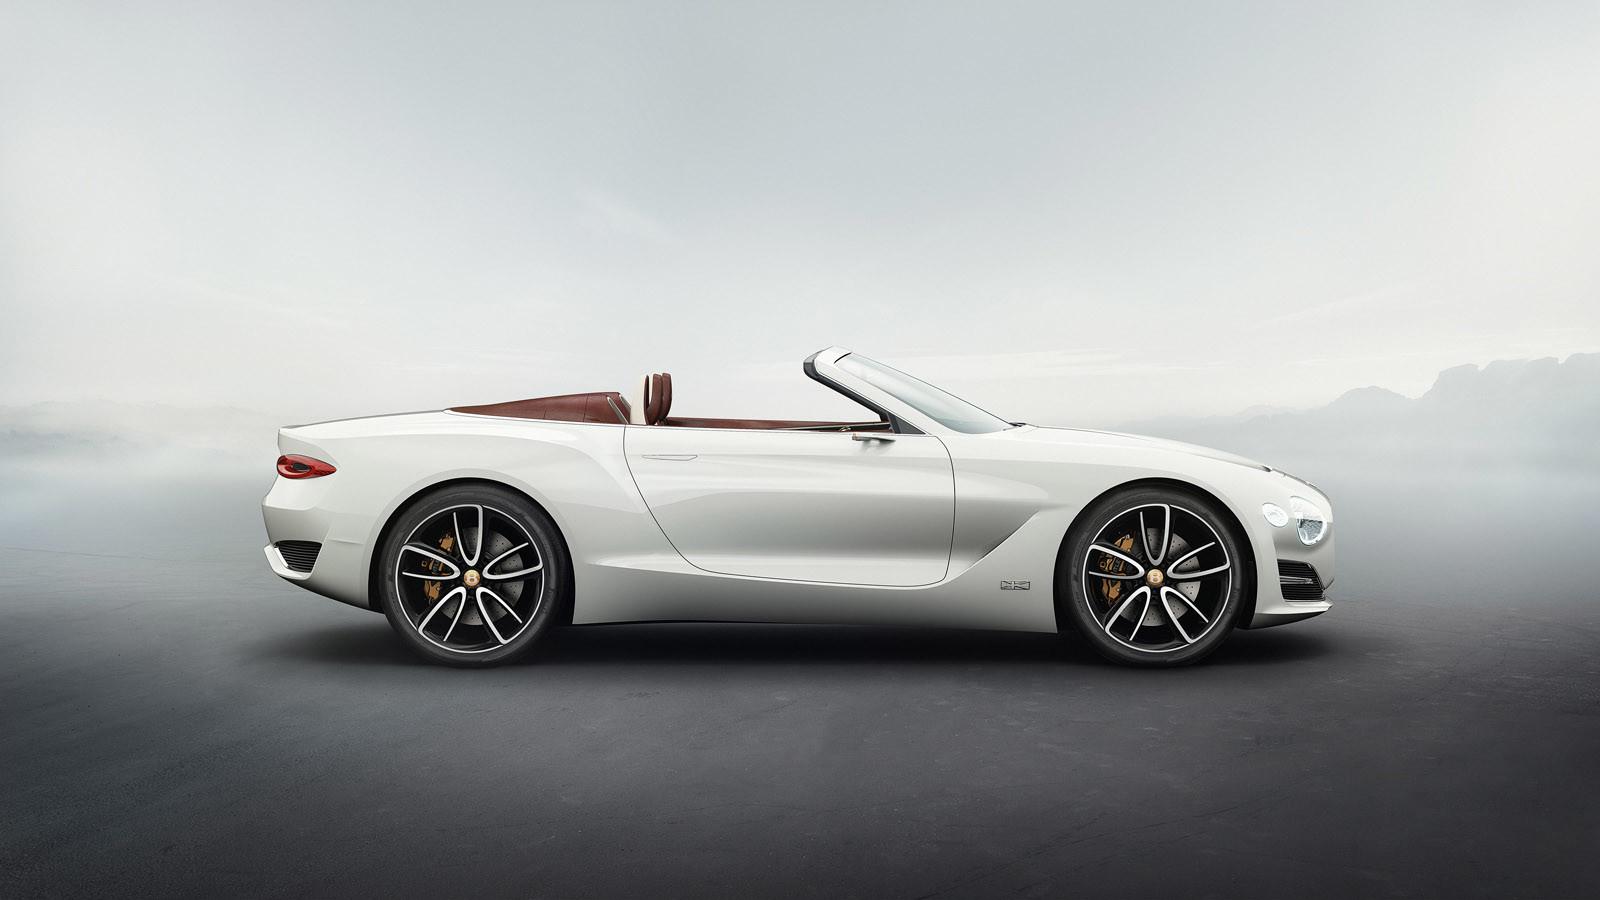 Foto de Bentley EXP 12 Speed 6e concept (5/11)